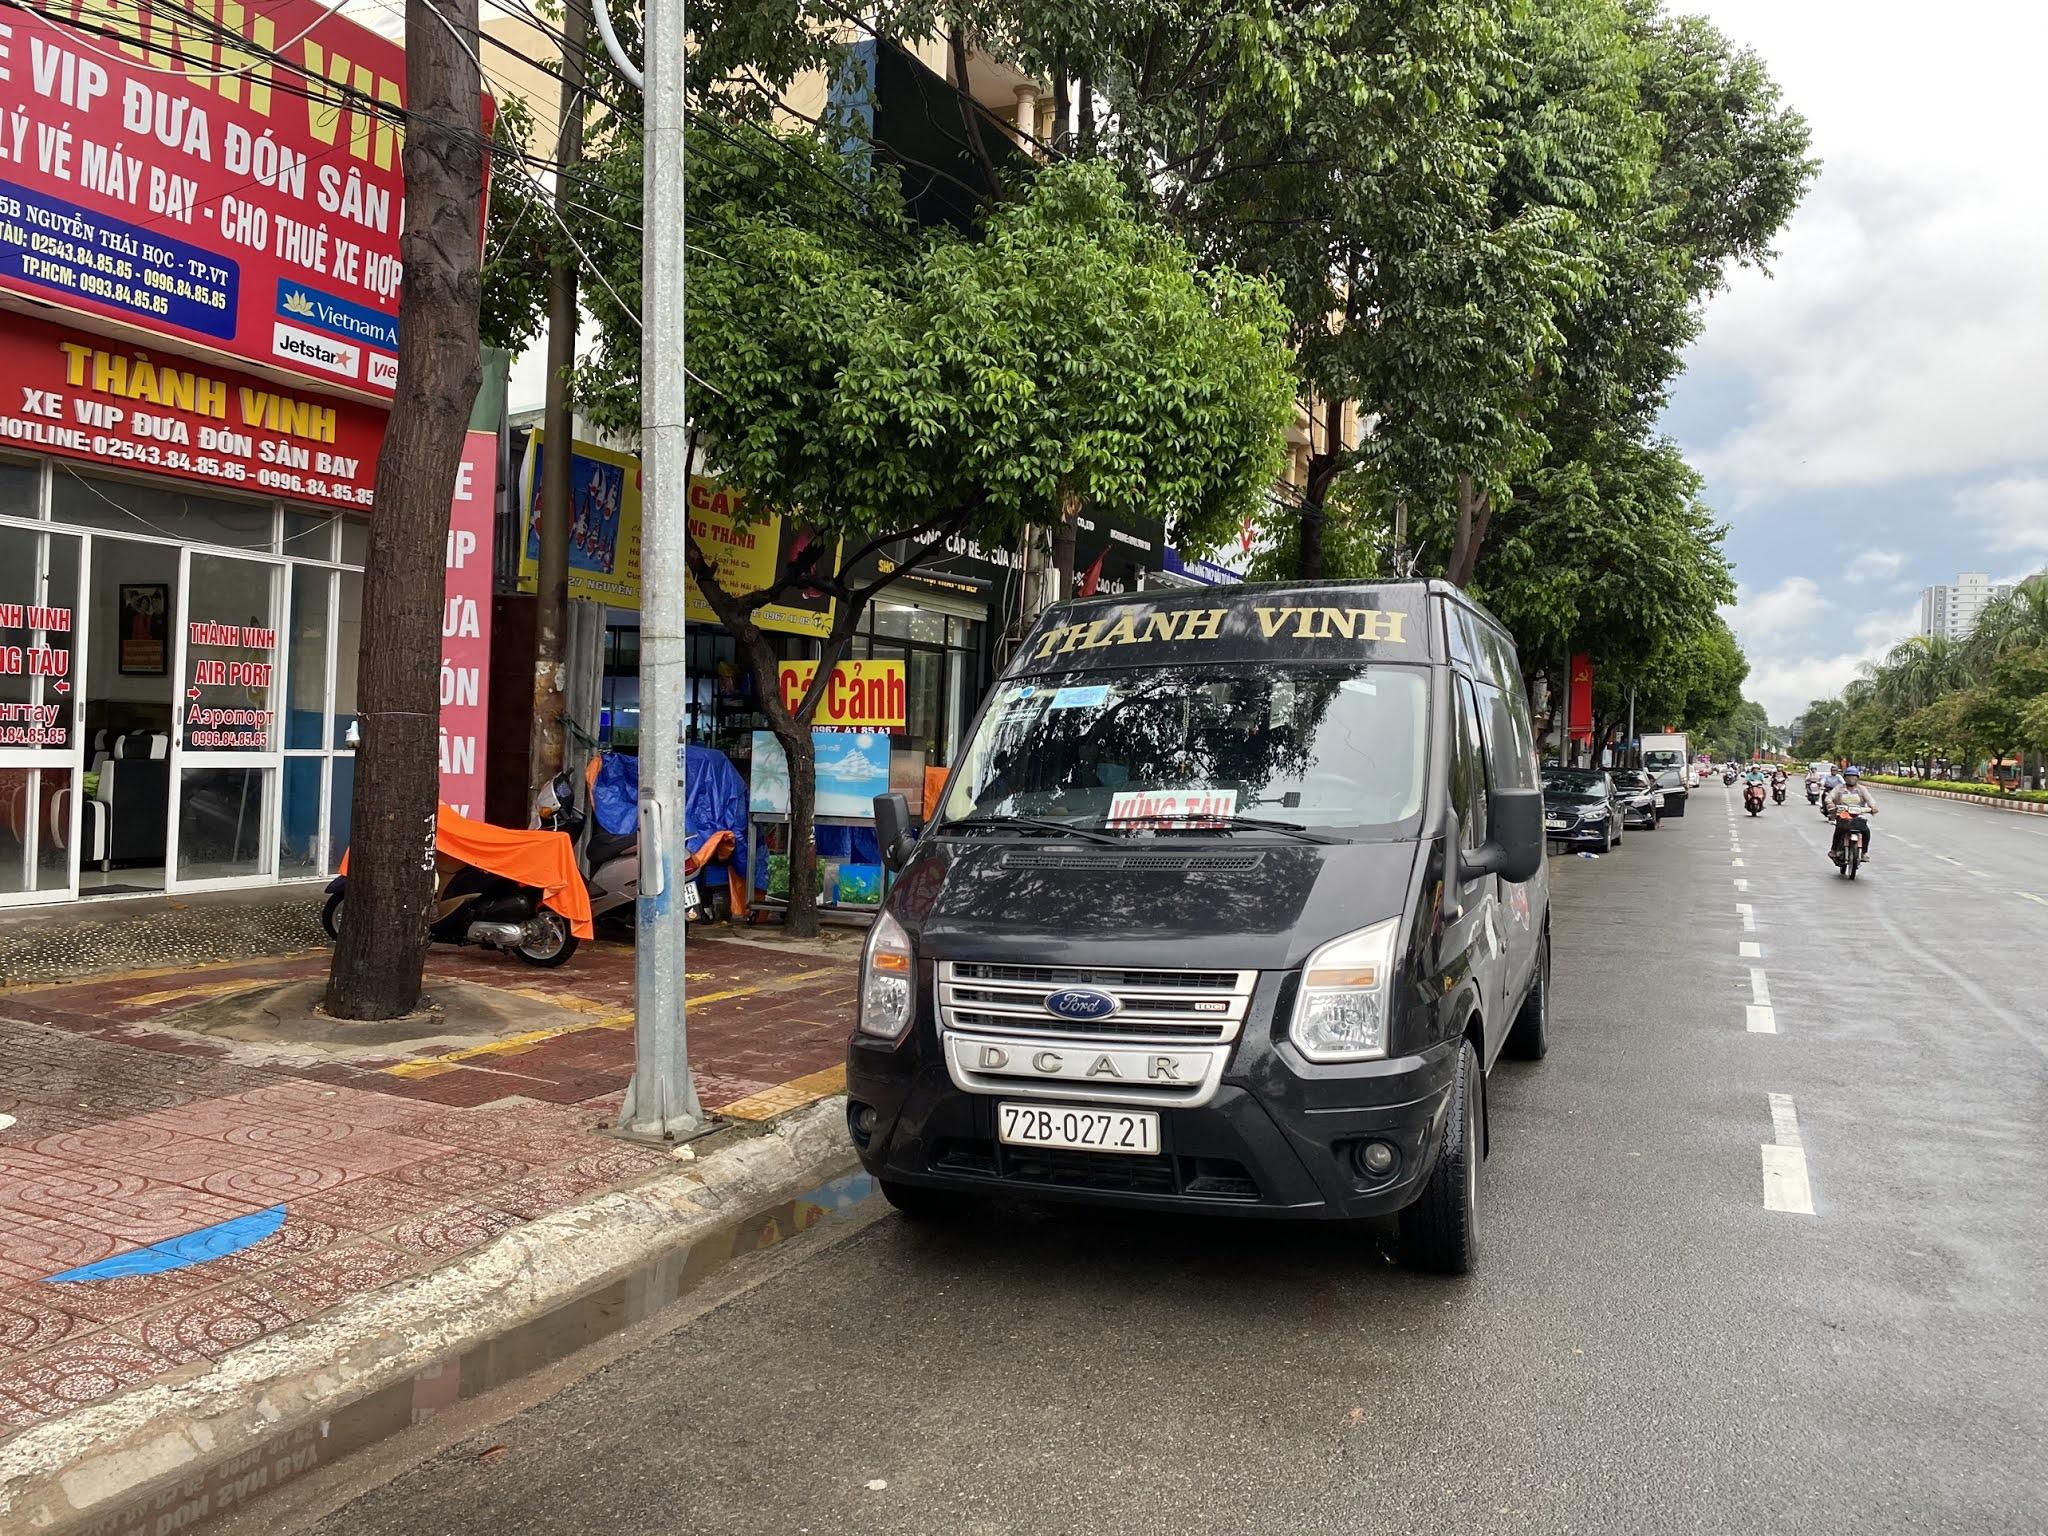 Giá vé xe limousine Thành Vinh tuyến Vũng Tàu - Sân bay Tân Sơn Nhất - Vũng Tàu